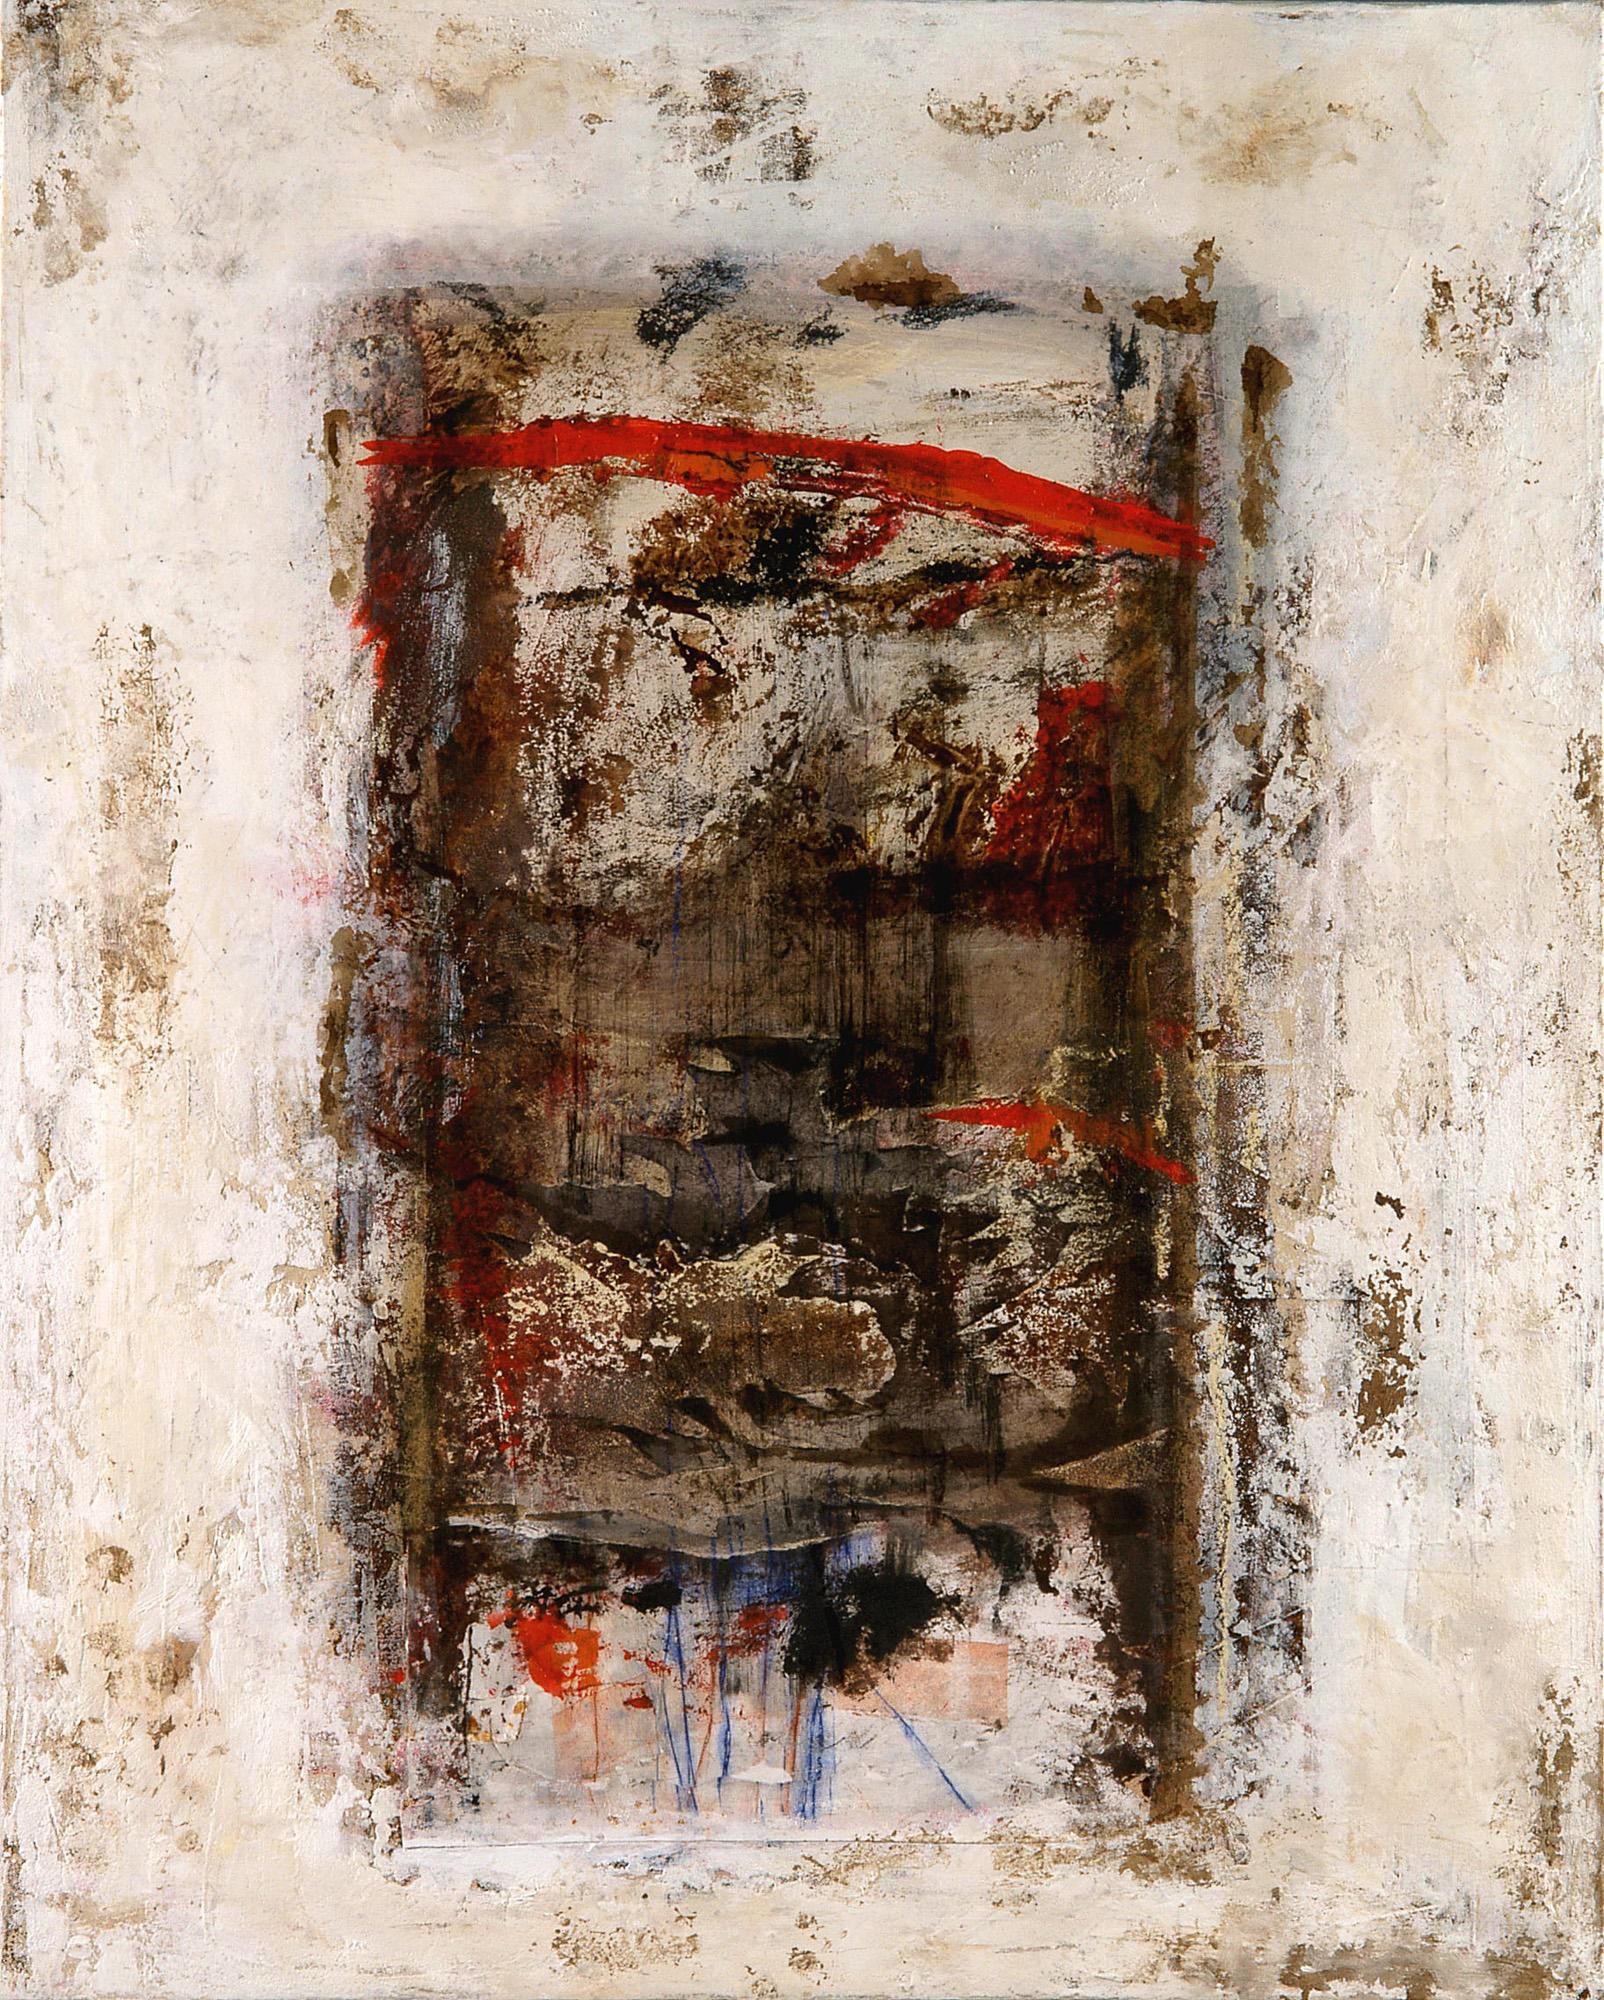 Escalera, 2005, Peinture 55x65cm